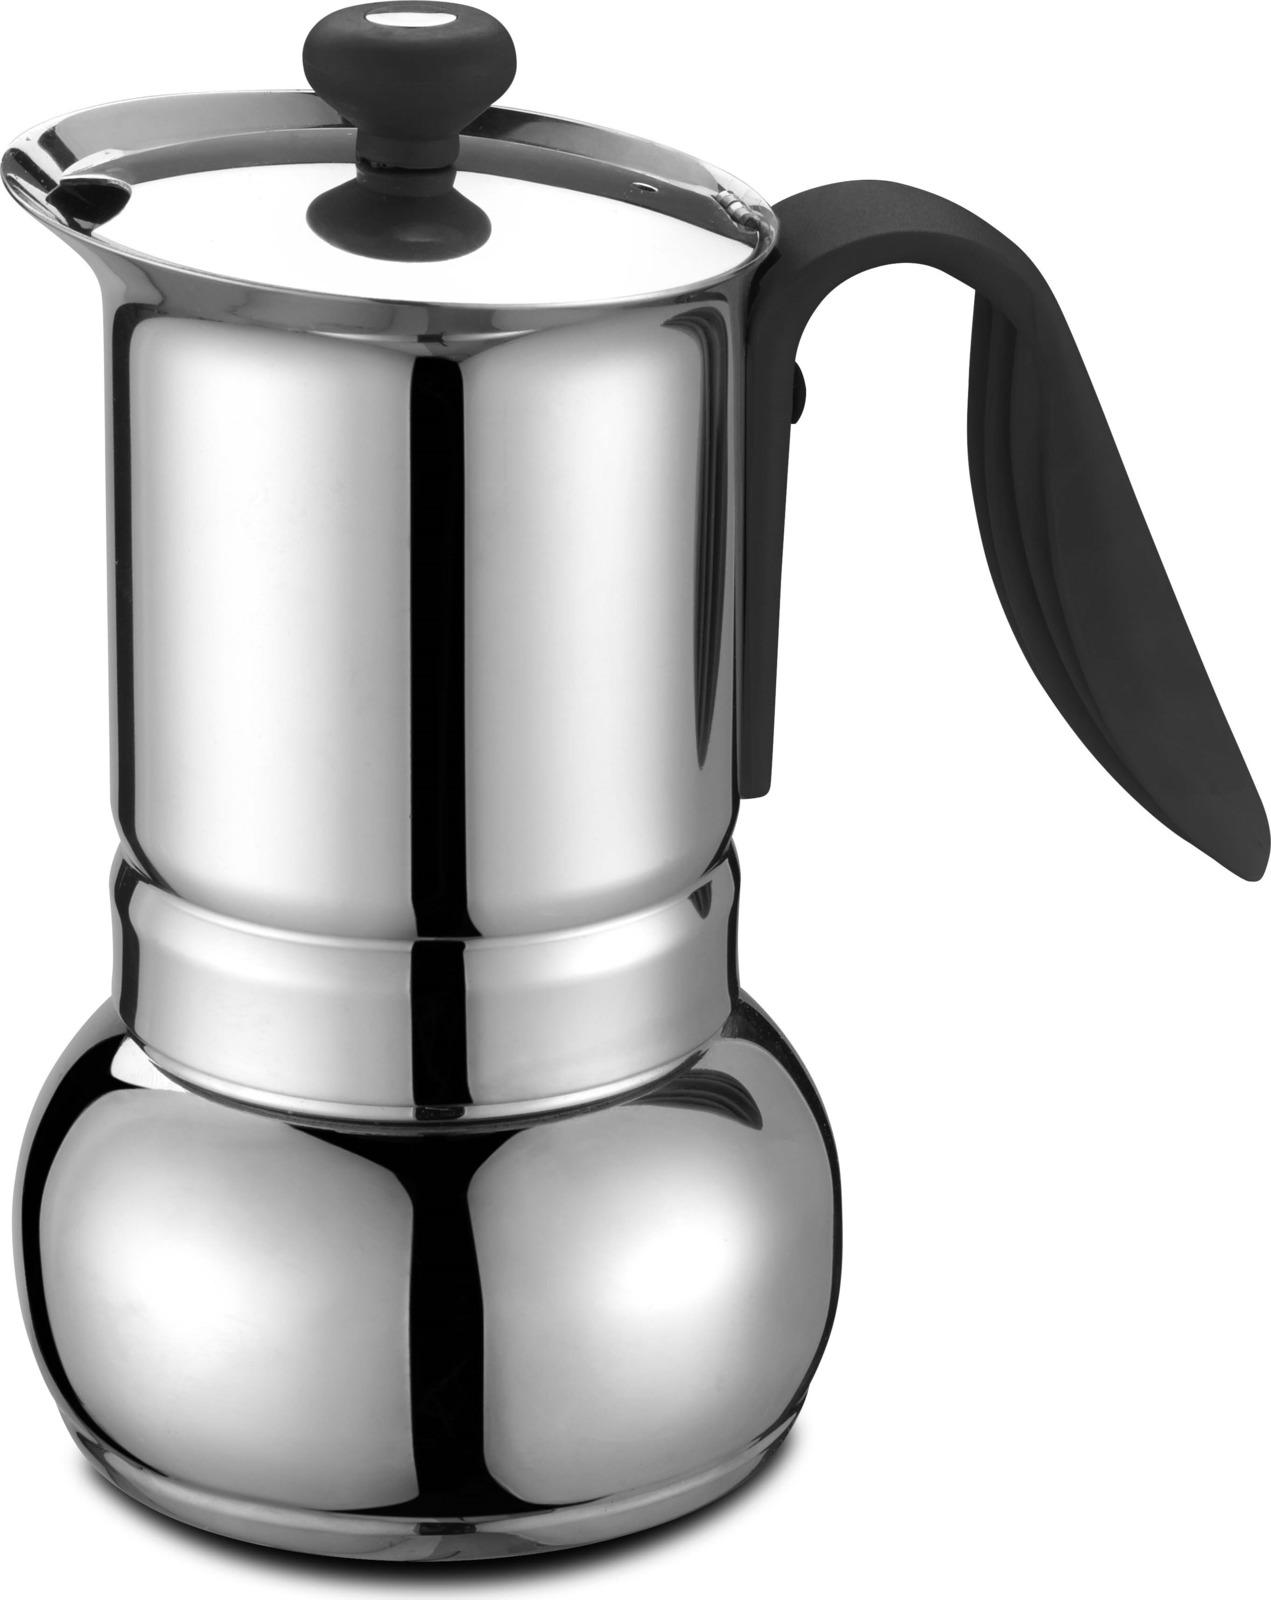 Кофеварка гейзерная G.A.T. 01-001-10 OPERA. Гейзерная кофеварка - это отличная возможность побаловать себя чашечкой великолепного ароматного кофе. Кофеварка рассчитана на 10 чашек. За считанные минуты прибор приготовит ваш любимый напиток и моментально наполнит кухню изумительным ароматом. Прочная основа придает кофеварке легкость и надежность, а стильный дизайн добавит кухонному интерьеру элегантности и особого шарма. Основные отличительные особенности кофеварок Opera: удобный носик для наливания кофе; специальное внутреннее покрытие, обеспечивающее легкую очистку и обслуживание; ручка из термостойкого пластика; кофеварка подходит для использования на всех типах плит, в том числе и индукционных.